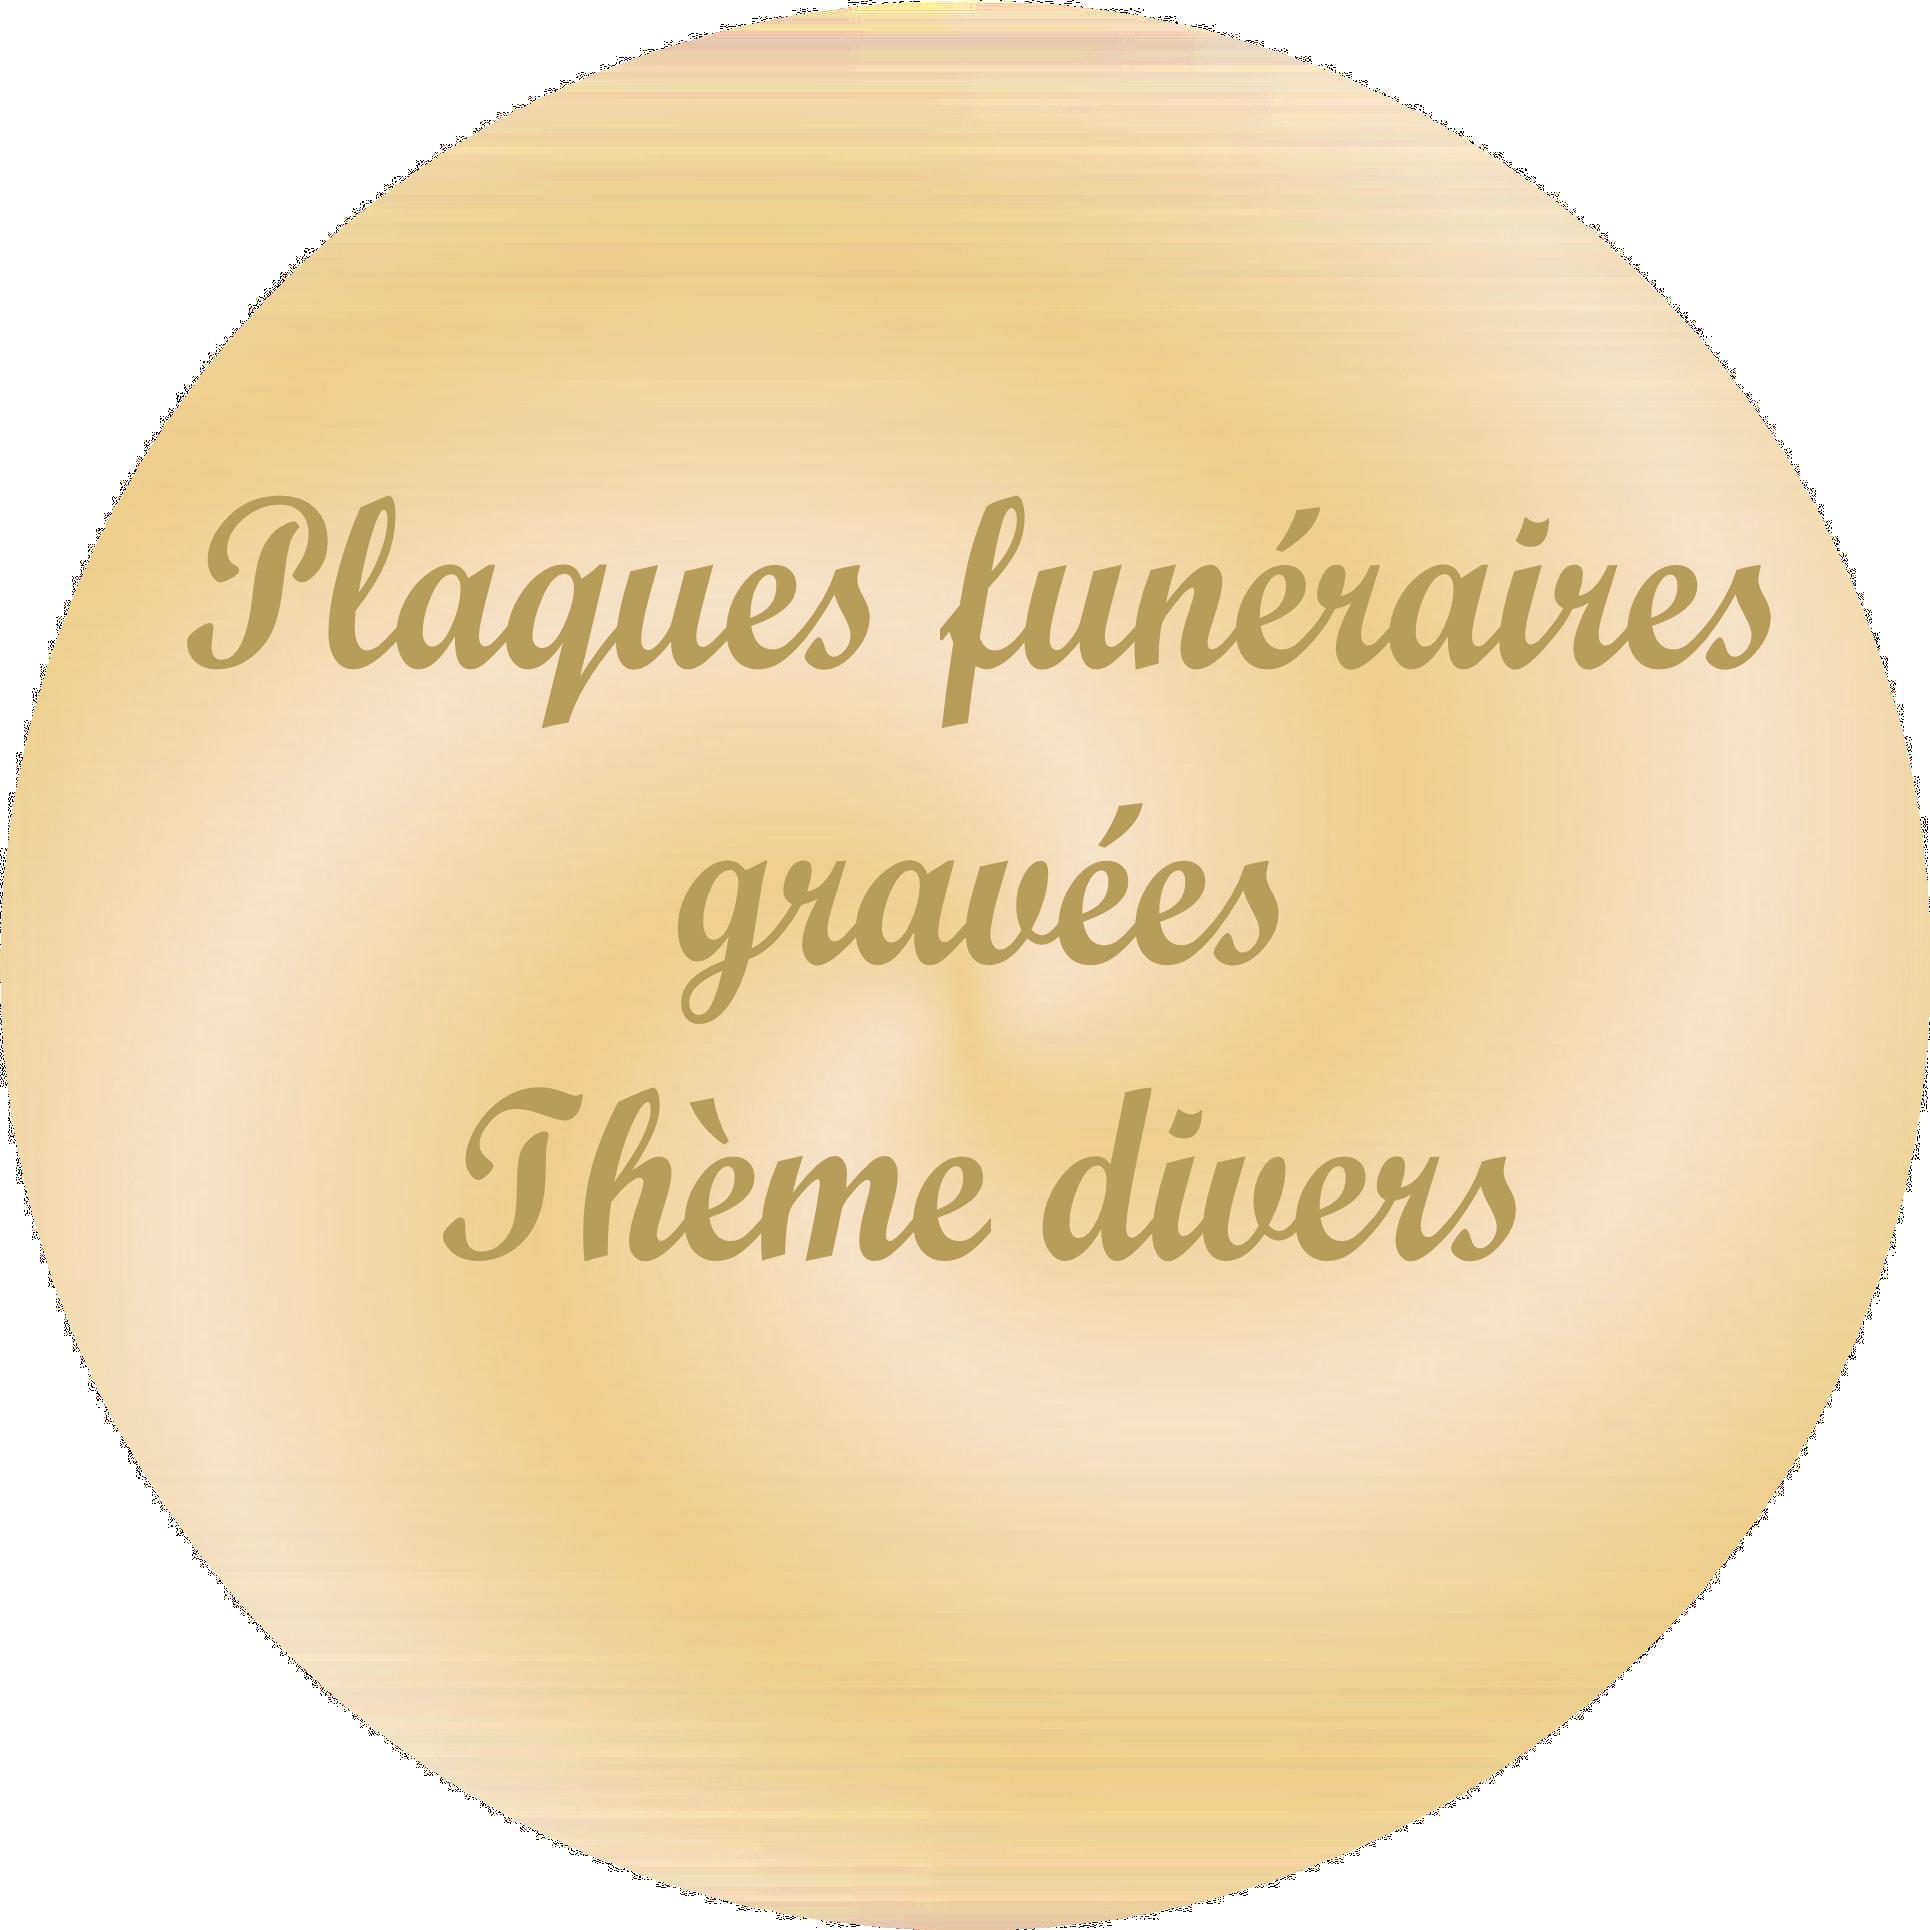 plaques funeraires gravées thèmes divers